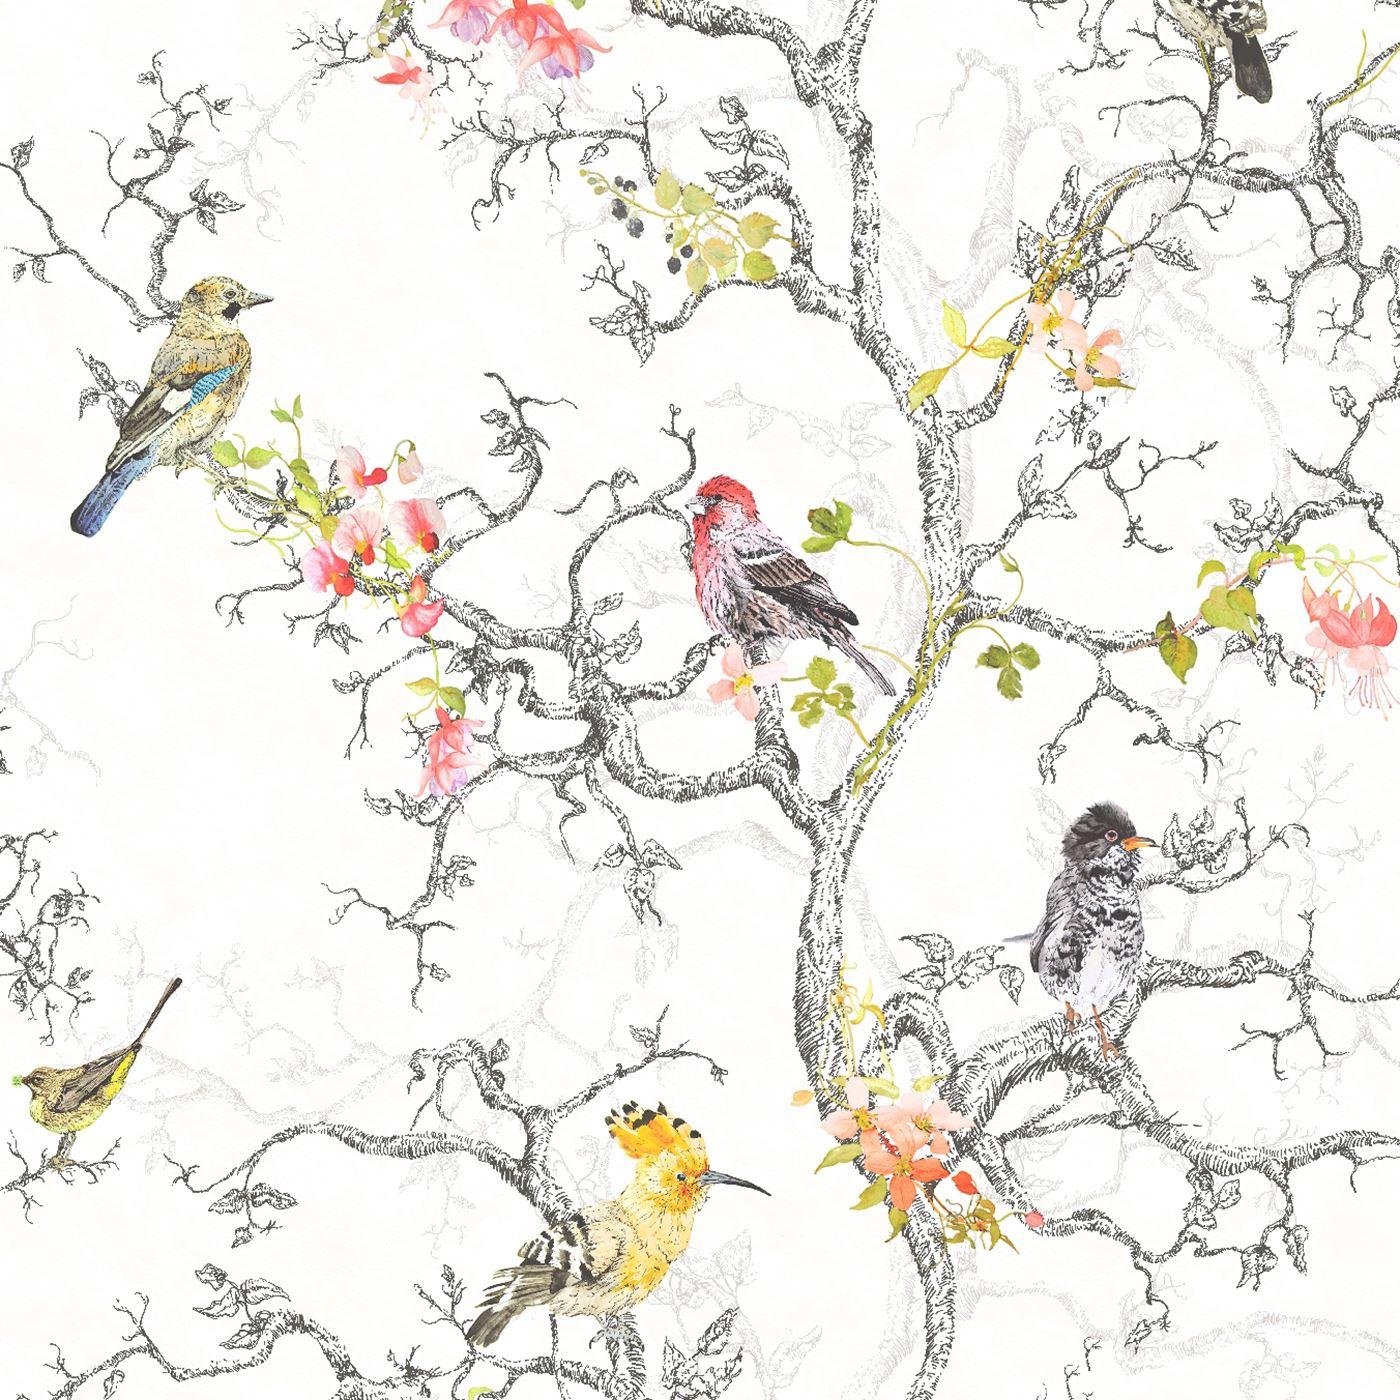 Ornithologie Oiseaux Papier Peint Rouleaux Blanc-Holden 98060